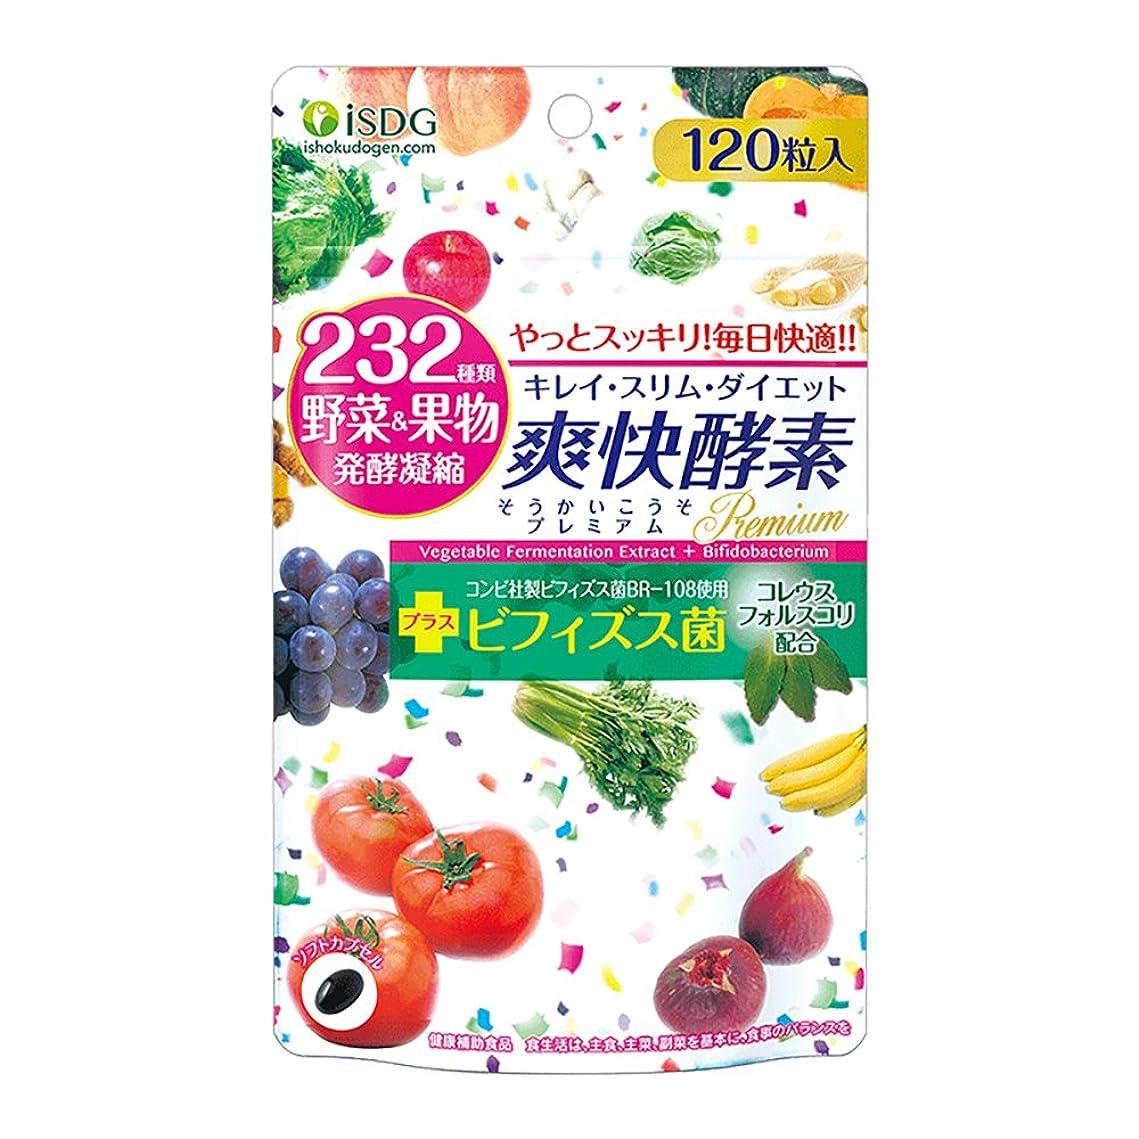 同種の乱闘消費ISDG 爽快酵素 232種類野菜&果物発酵凝縮。120粒/袋